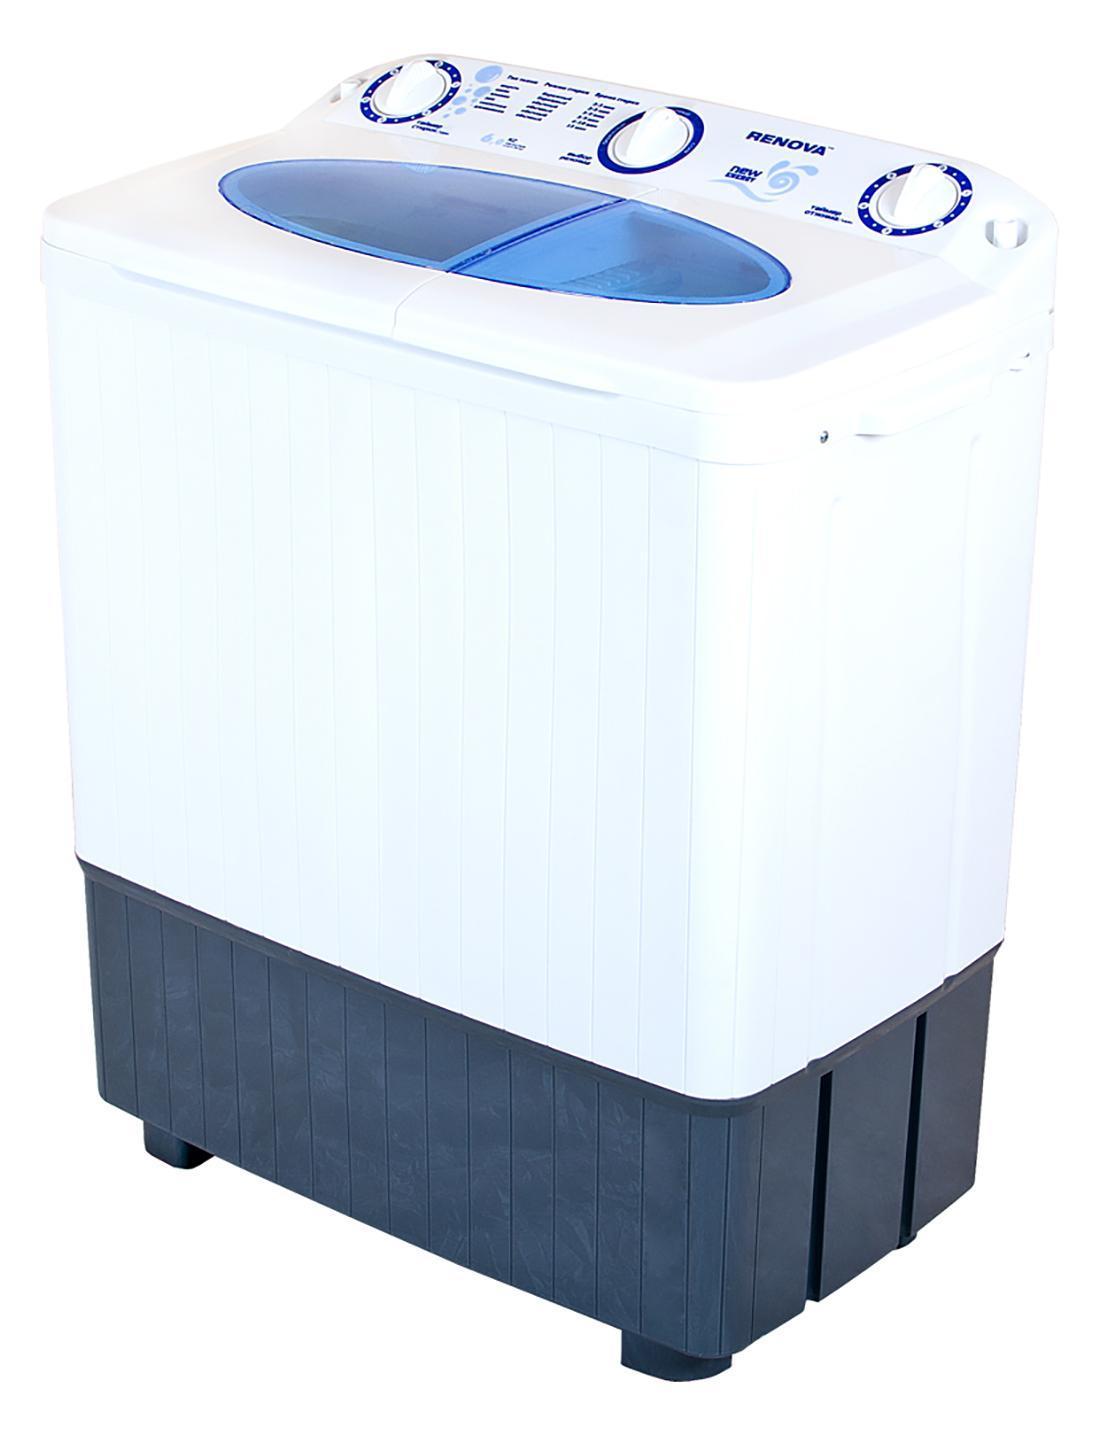 Renova WS-60PET стиральная машина - Стиральные машины и сушильные аппараты